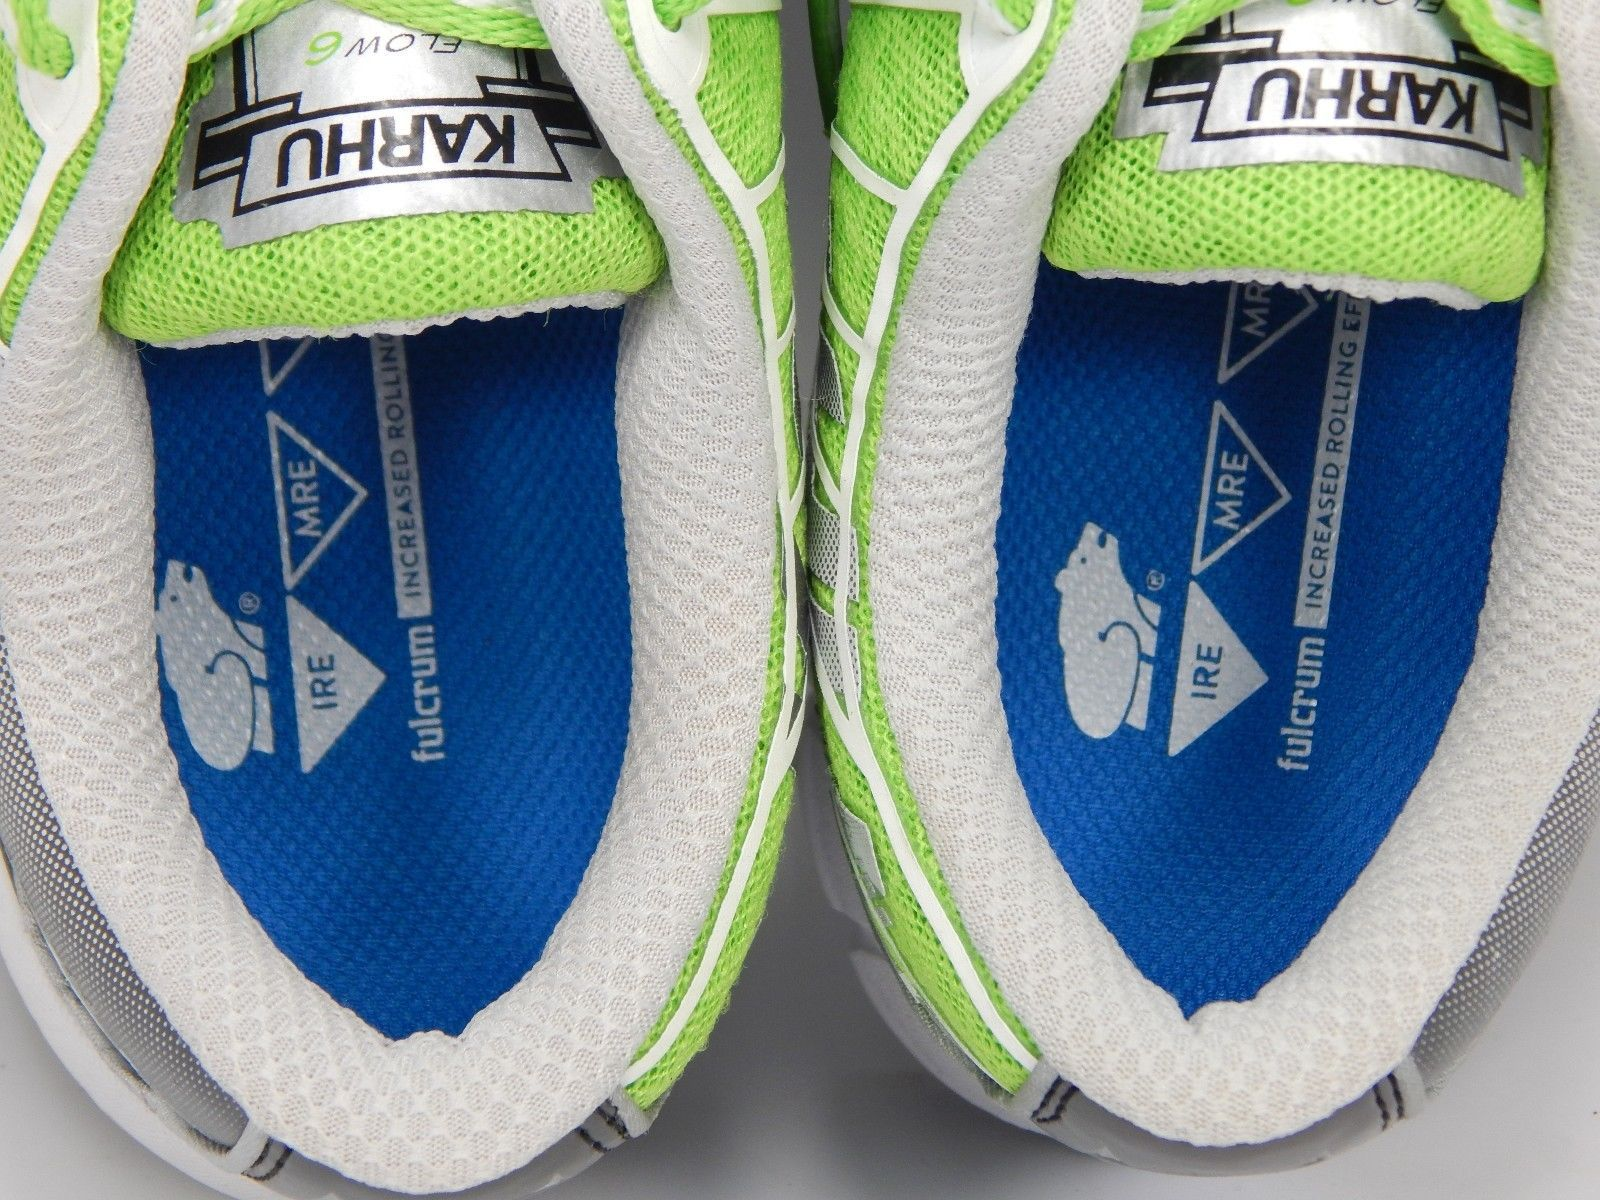 Karhu 2016 Flow 6 IRE Fulcrum Women's Running Shoes Size US 7 M (B) EU 38 Green